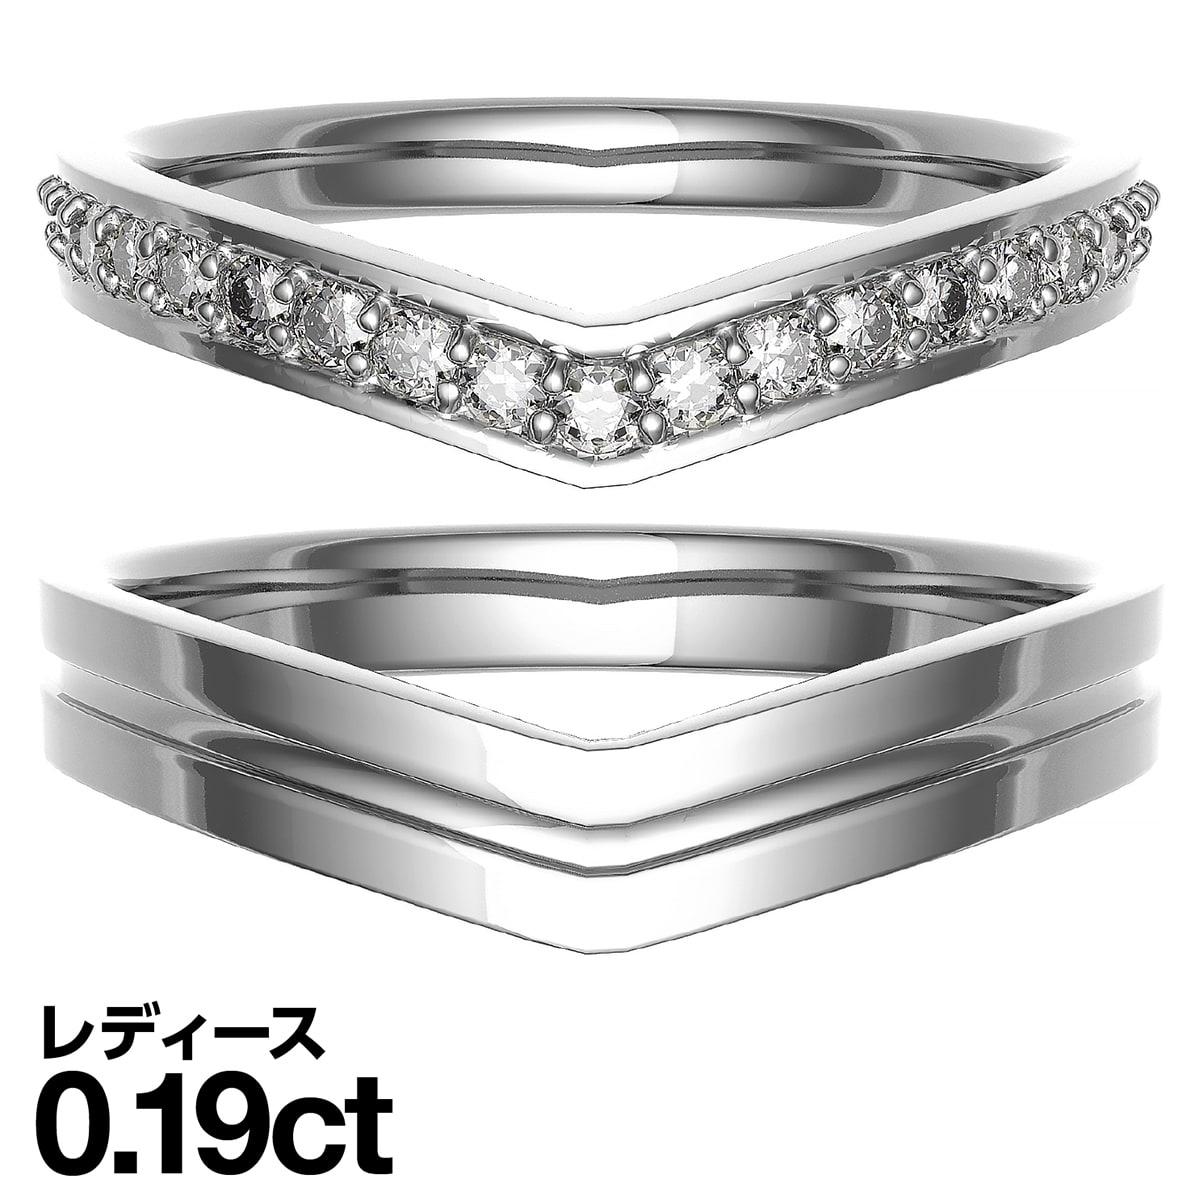 驚きの安さ 結婚指輪 マリッジリング プラチナ900 ダイヤモンド 2本セット 品質保証書 金属アレルギー 日本製 クリスマス ギフト プレゼント, ヘアダイレクト d372e3f5